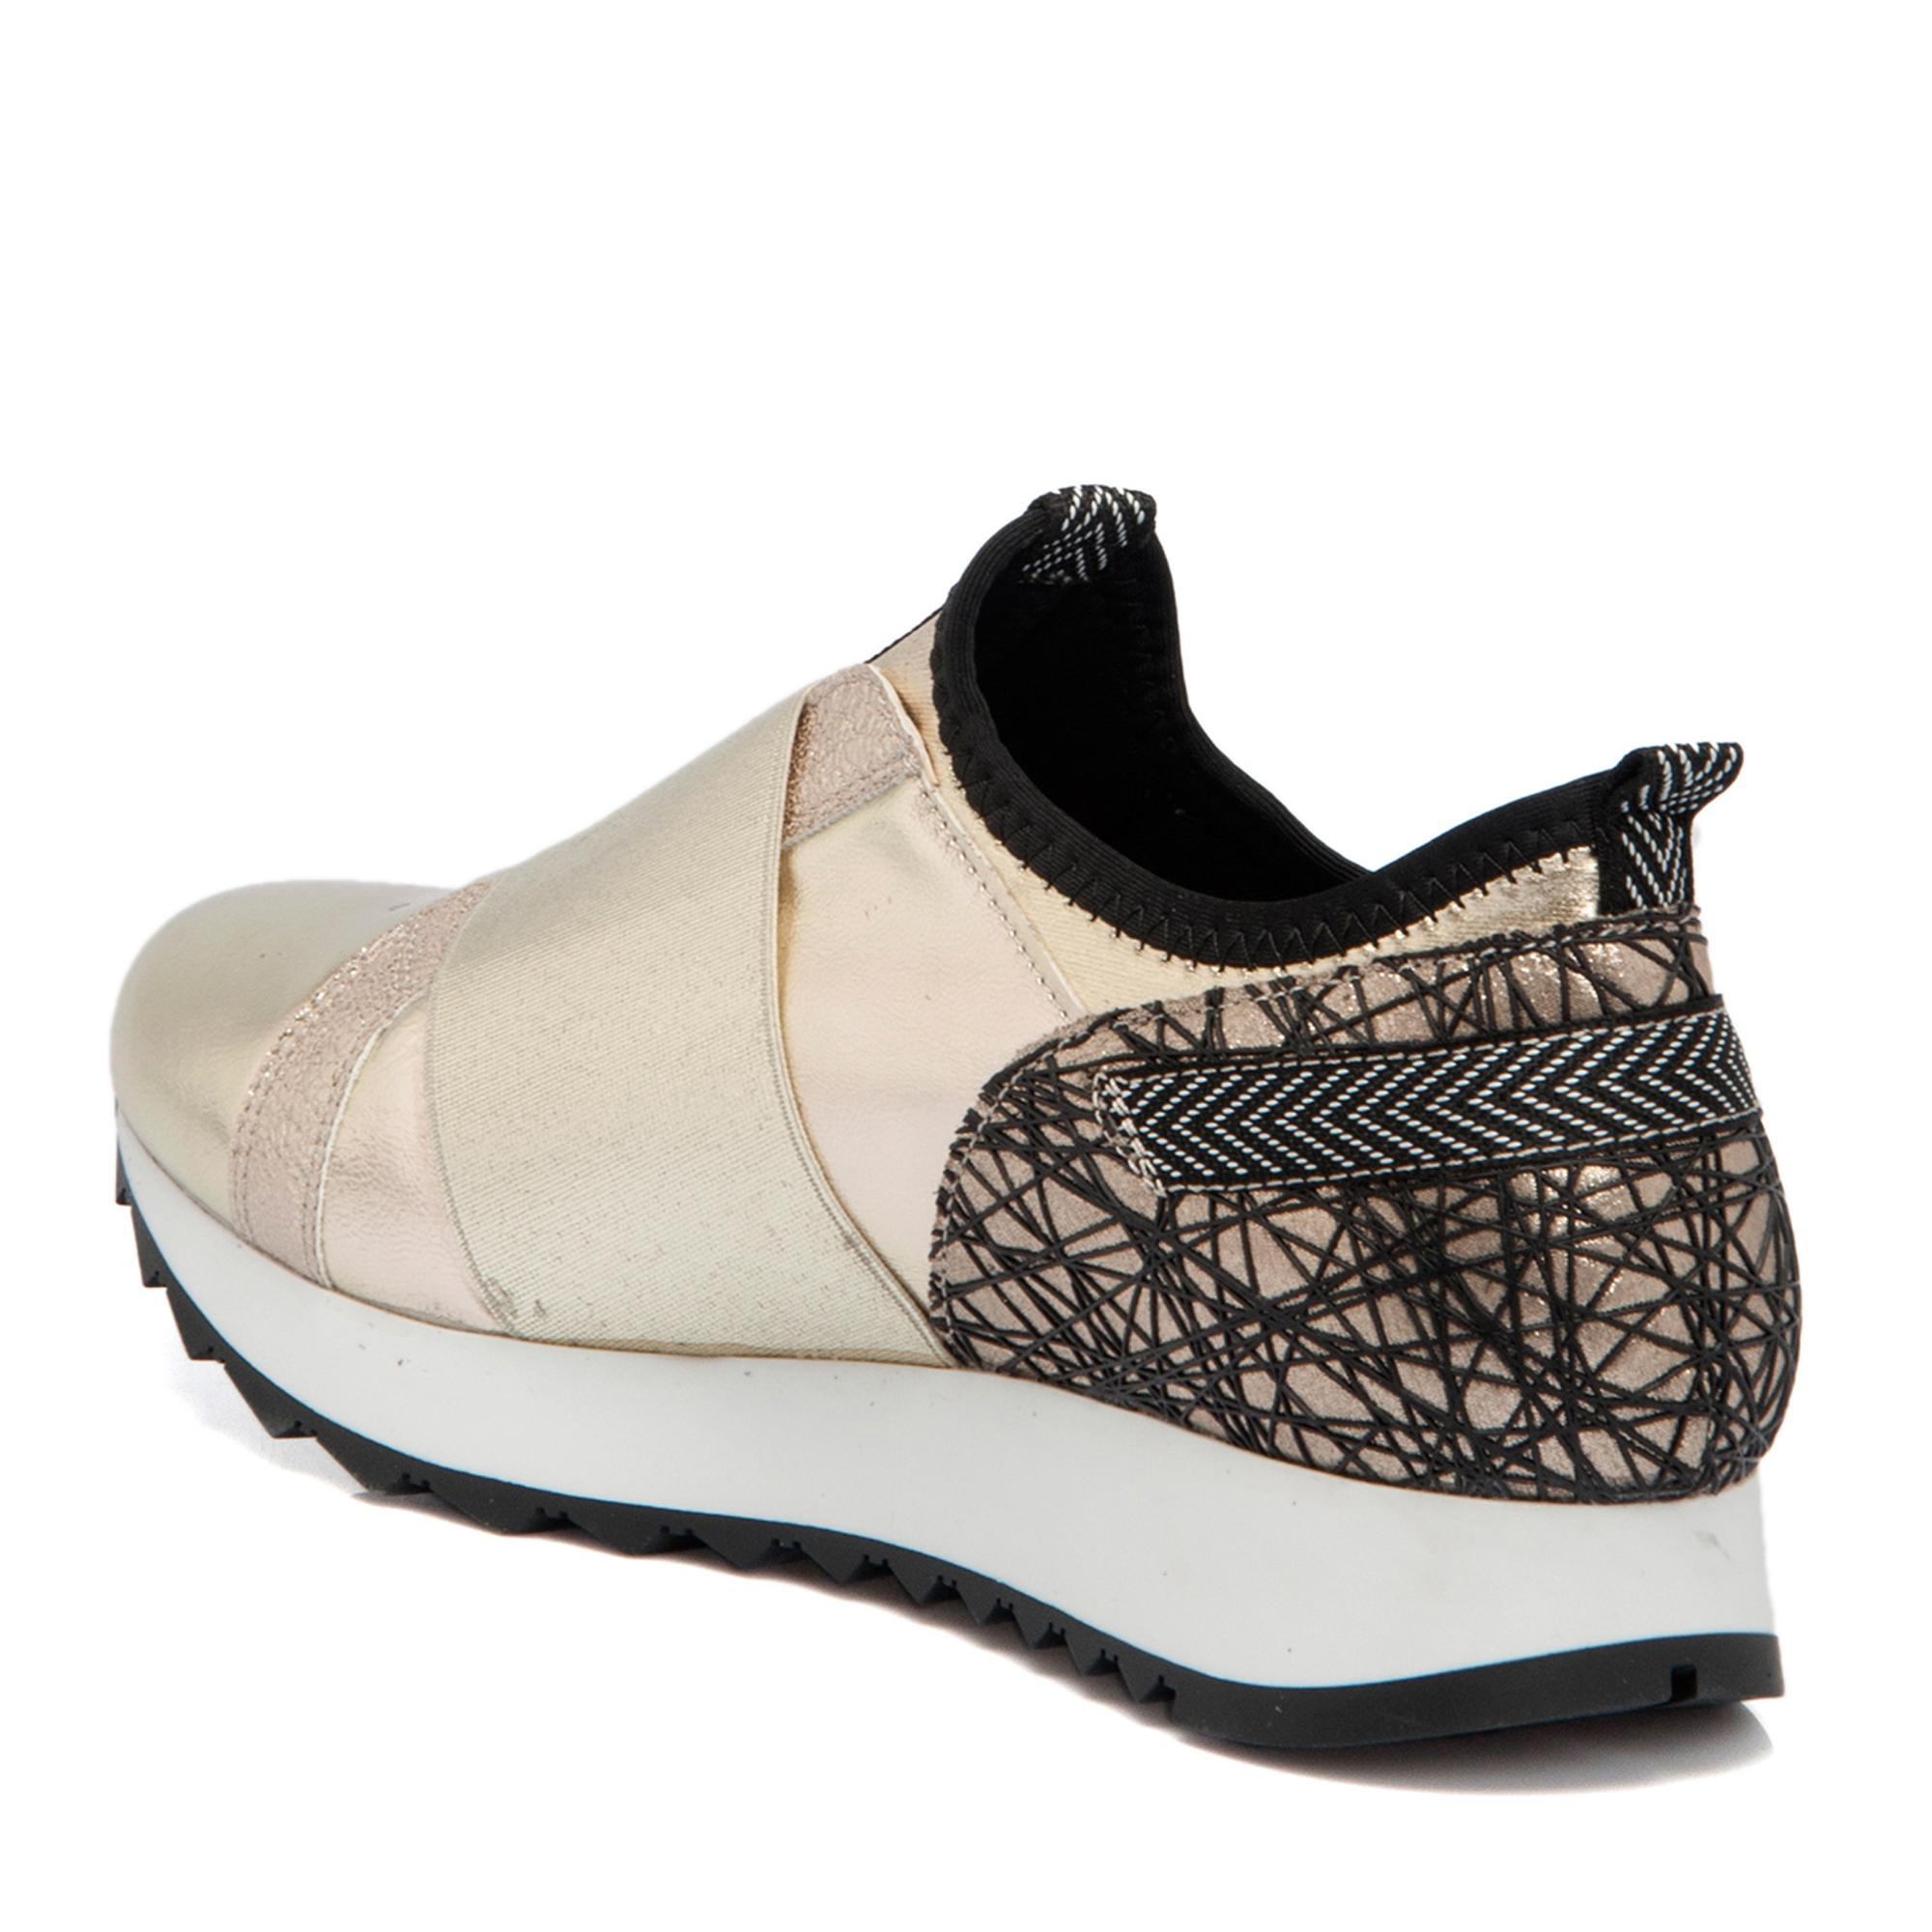 Dore Deri Kadın Ayakkabı 63807M4D